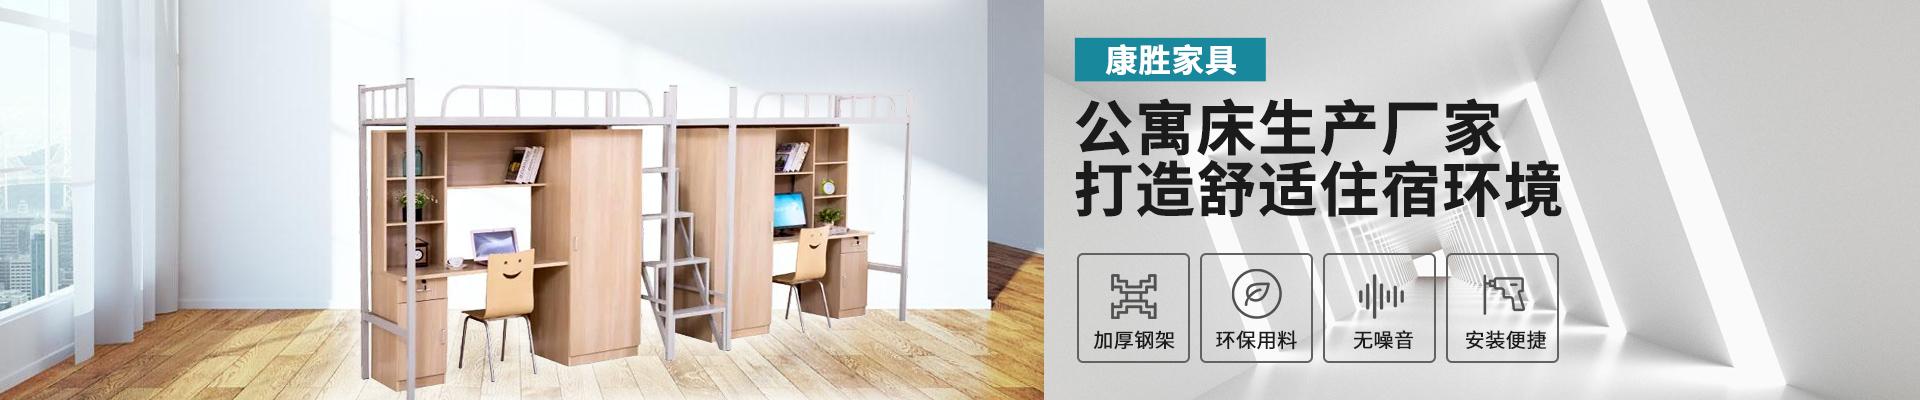 康胜家具-公寓床生产厂家 打造舒适住宿环境